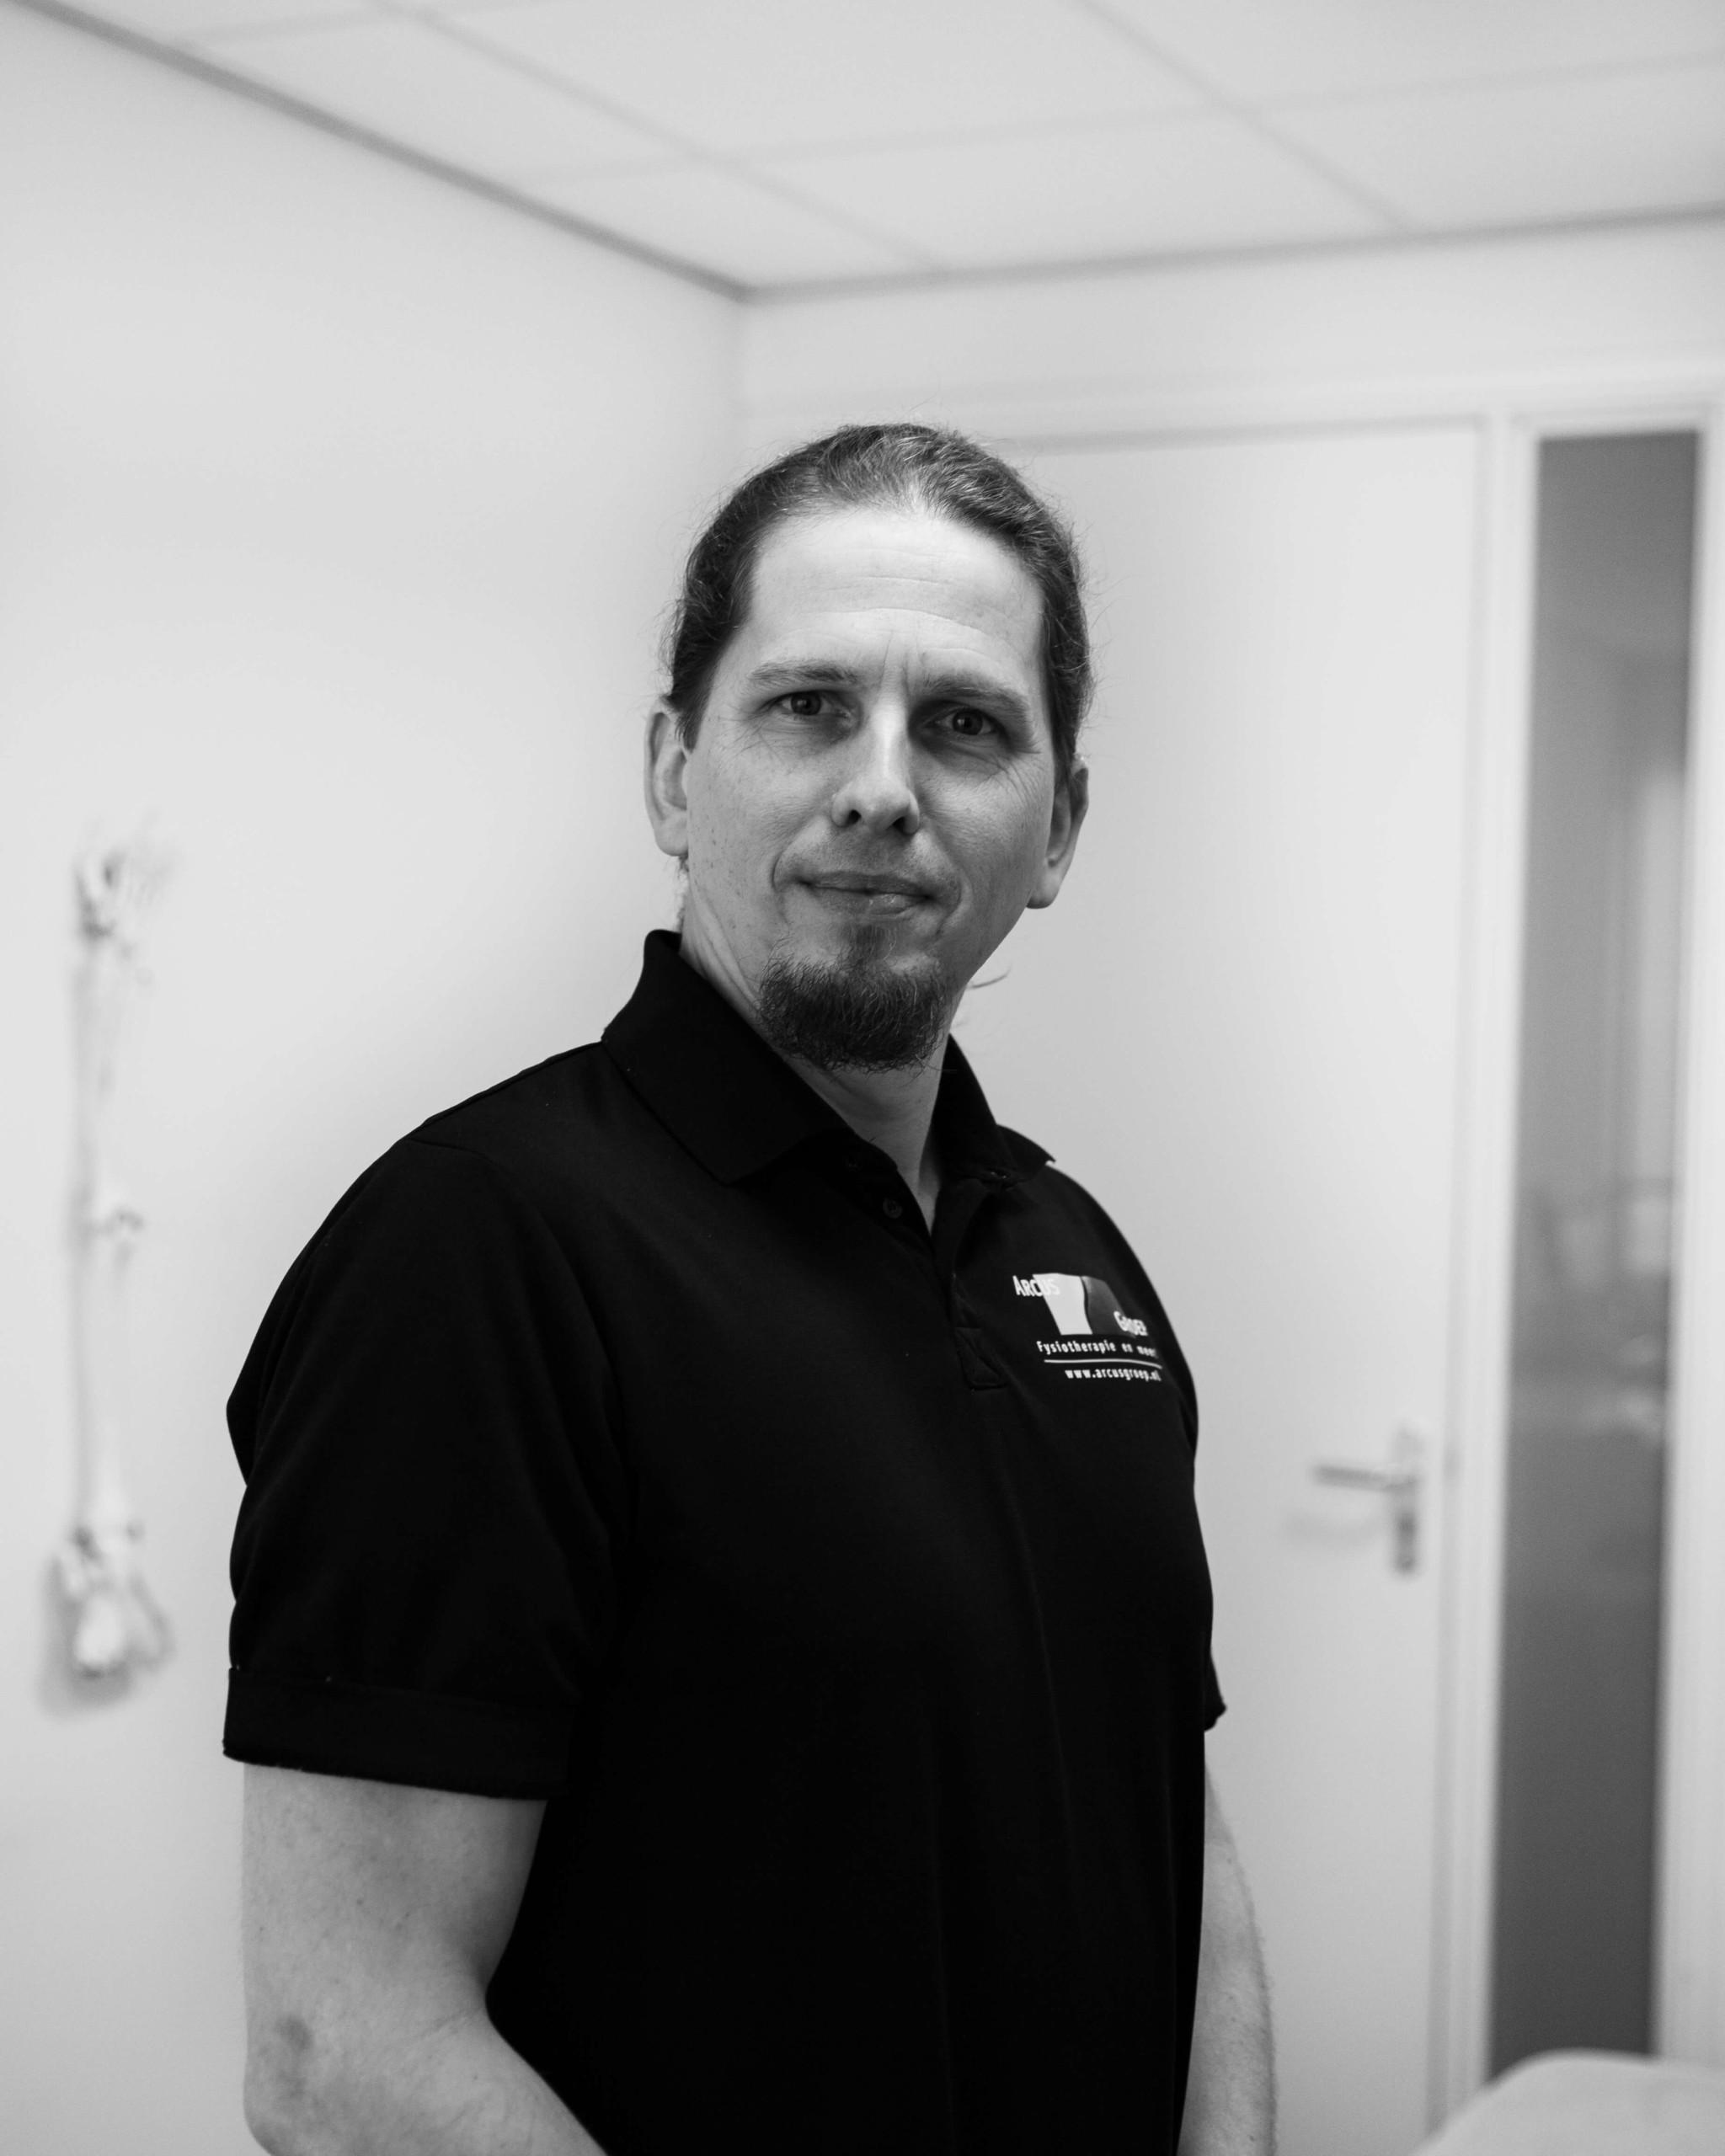 Handtherapeut, Polstherapeut in Bergen op Zoom